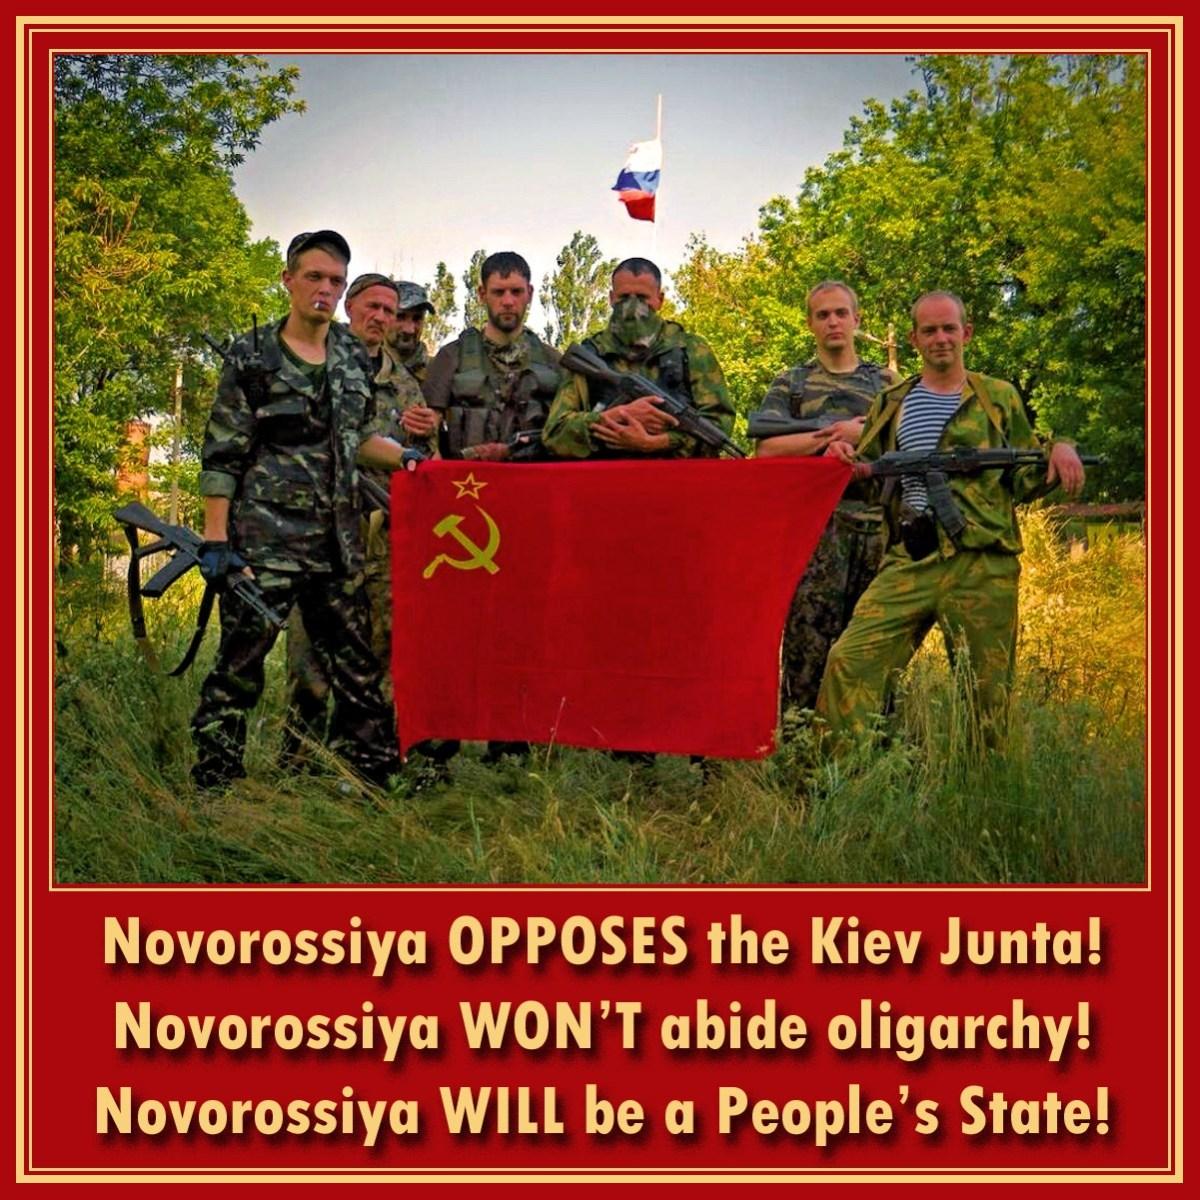 00 Novorossiya OPPOSES the Junta! 22.08.14